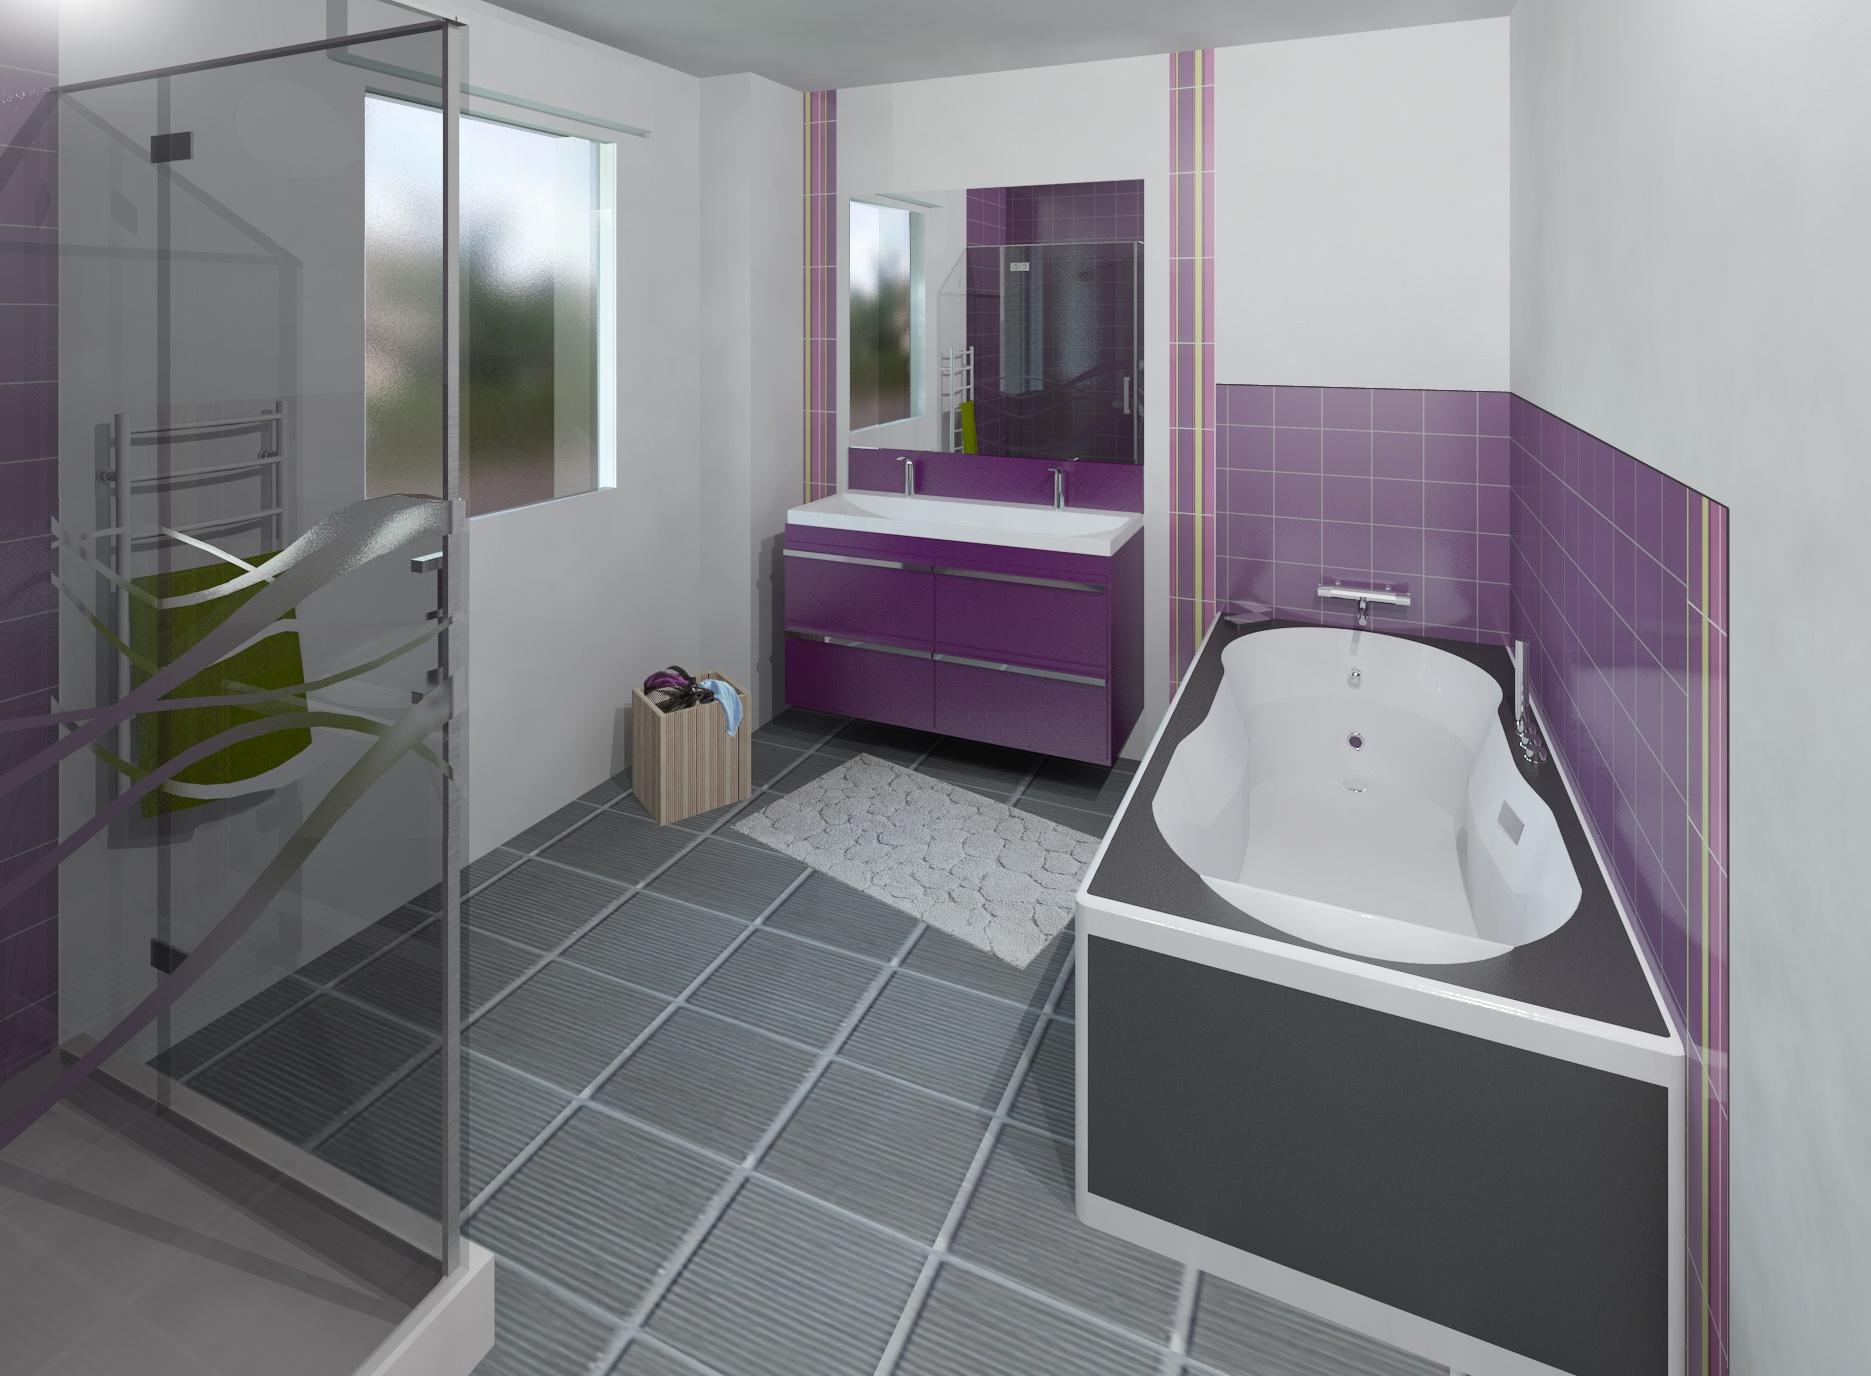 Maisons + Terrains du constructeur MAISON FAMILIALE • 130 m² • PUGET SUR ARGENS